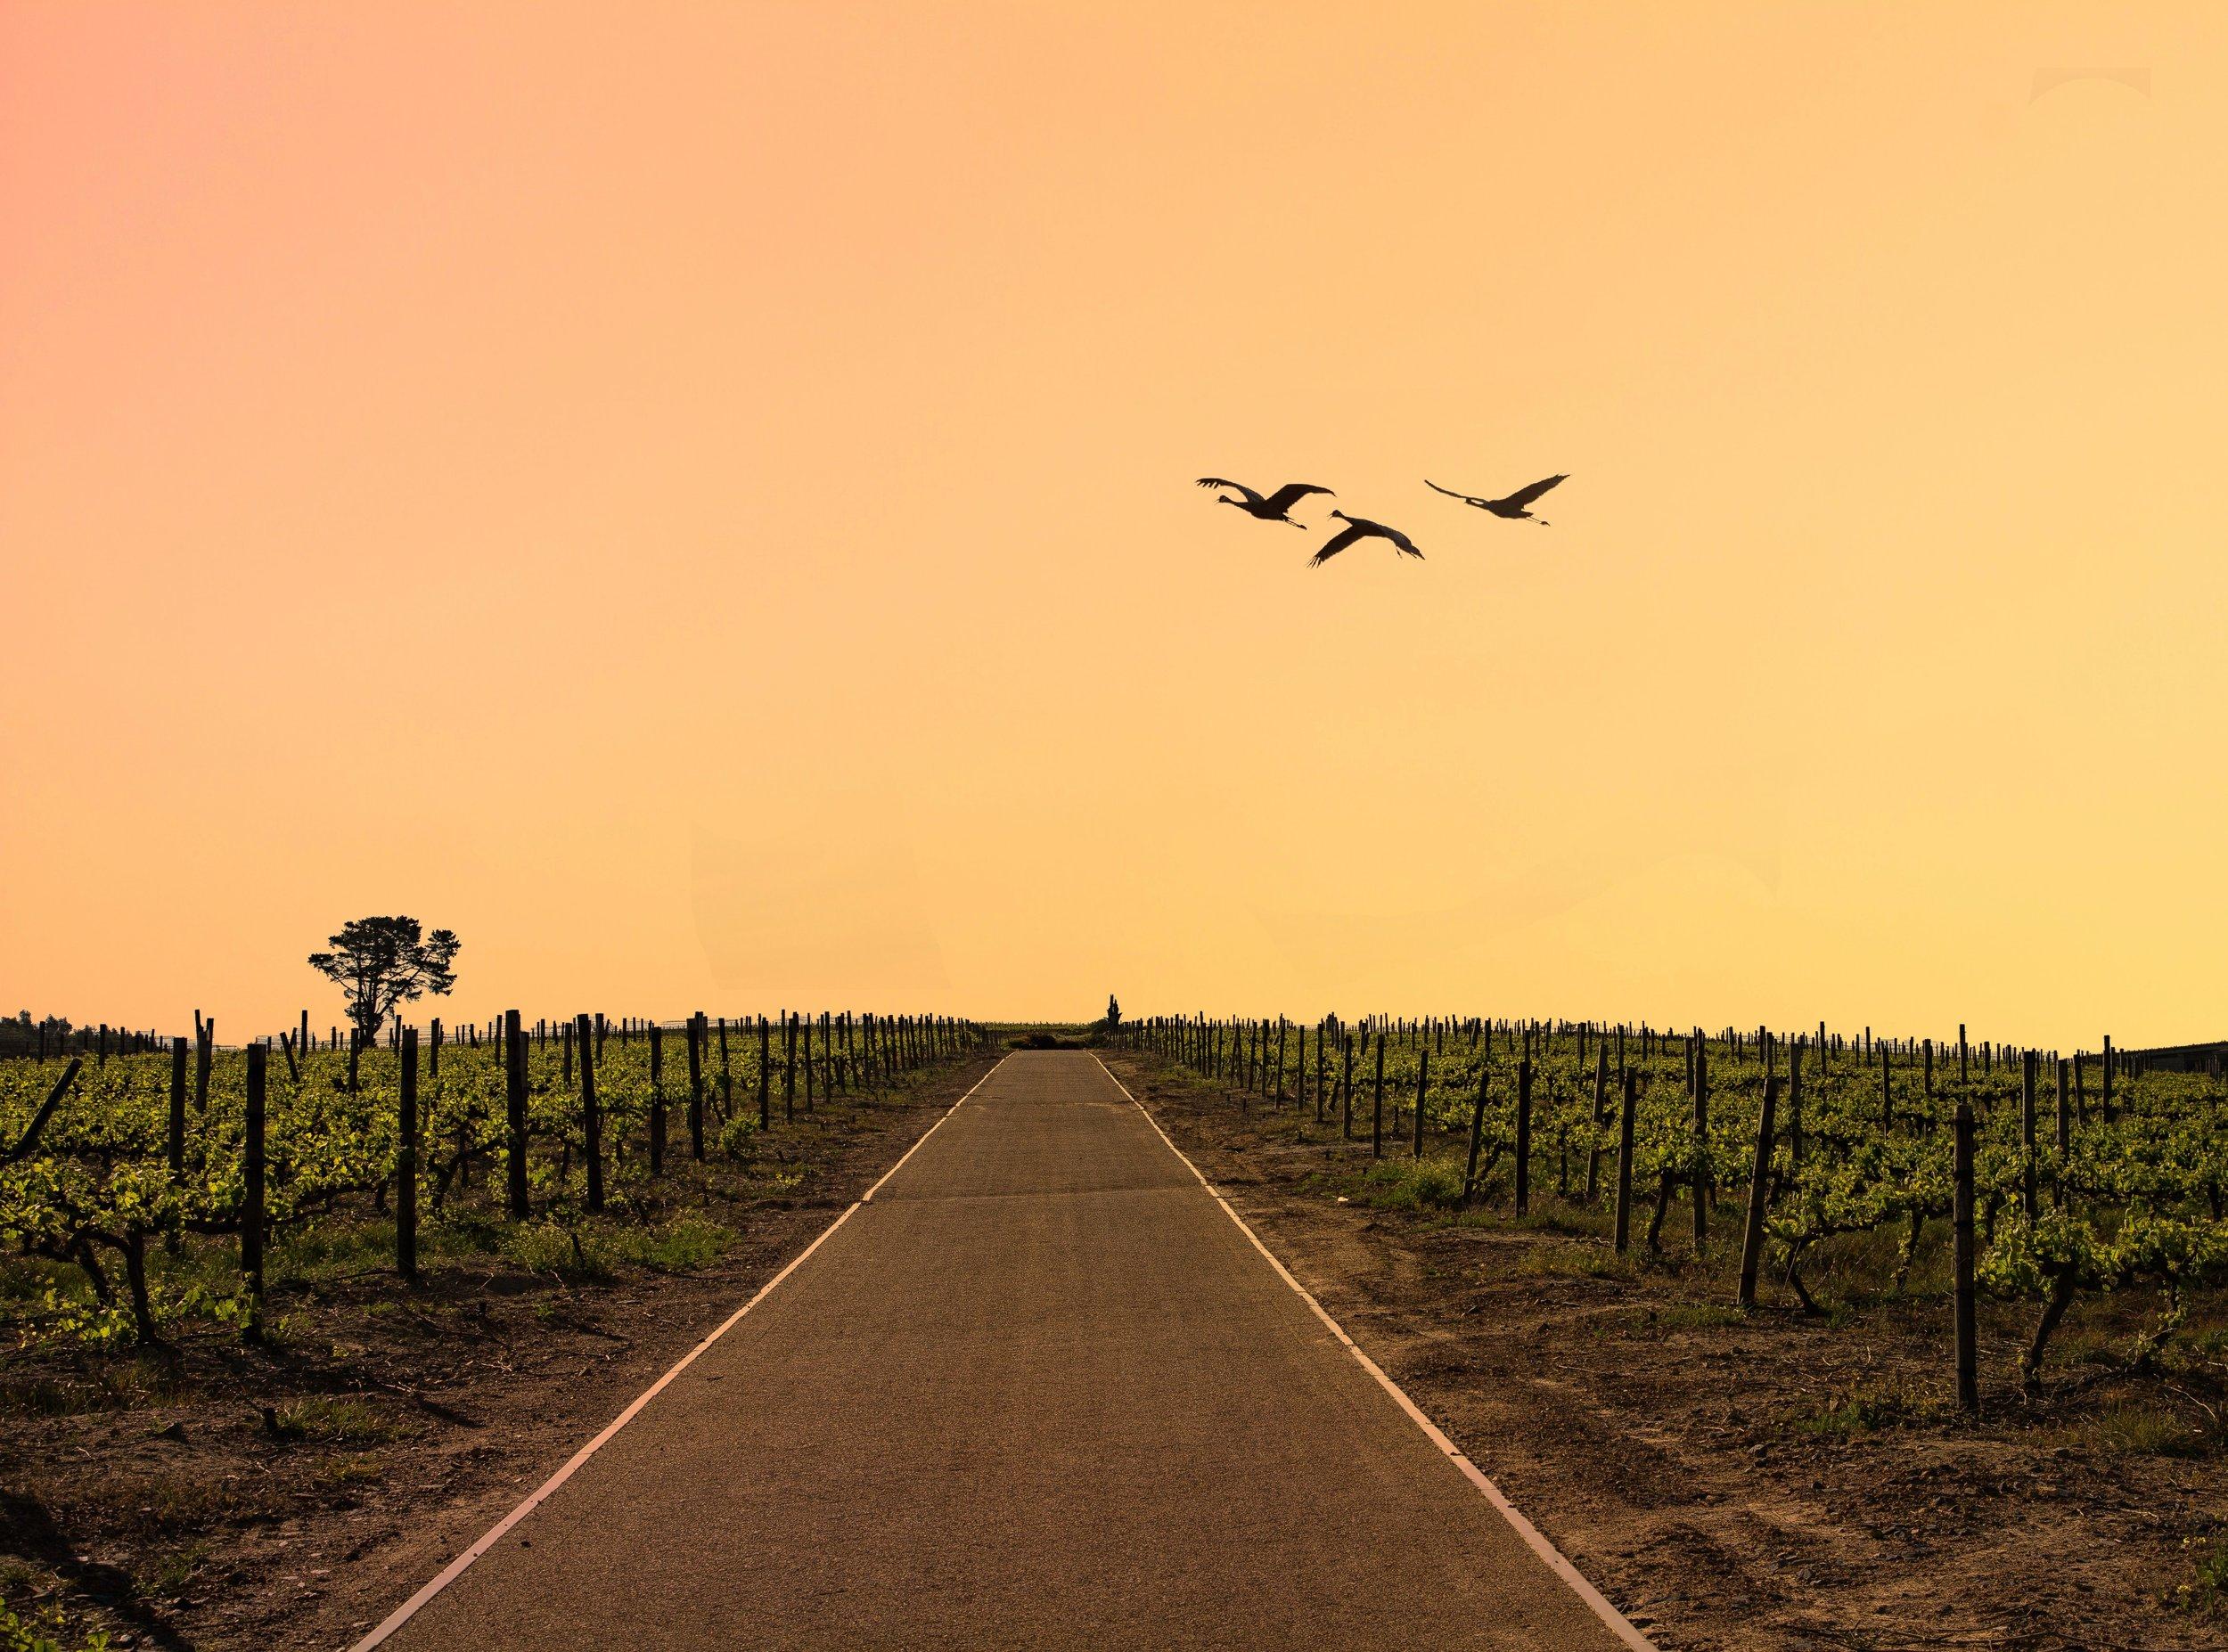 Stellenbosch, the wine route